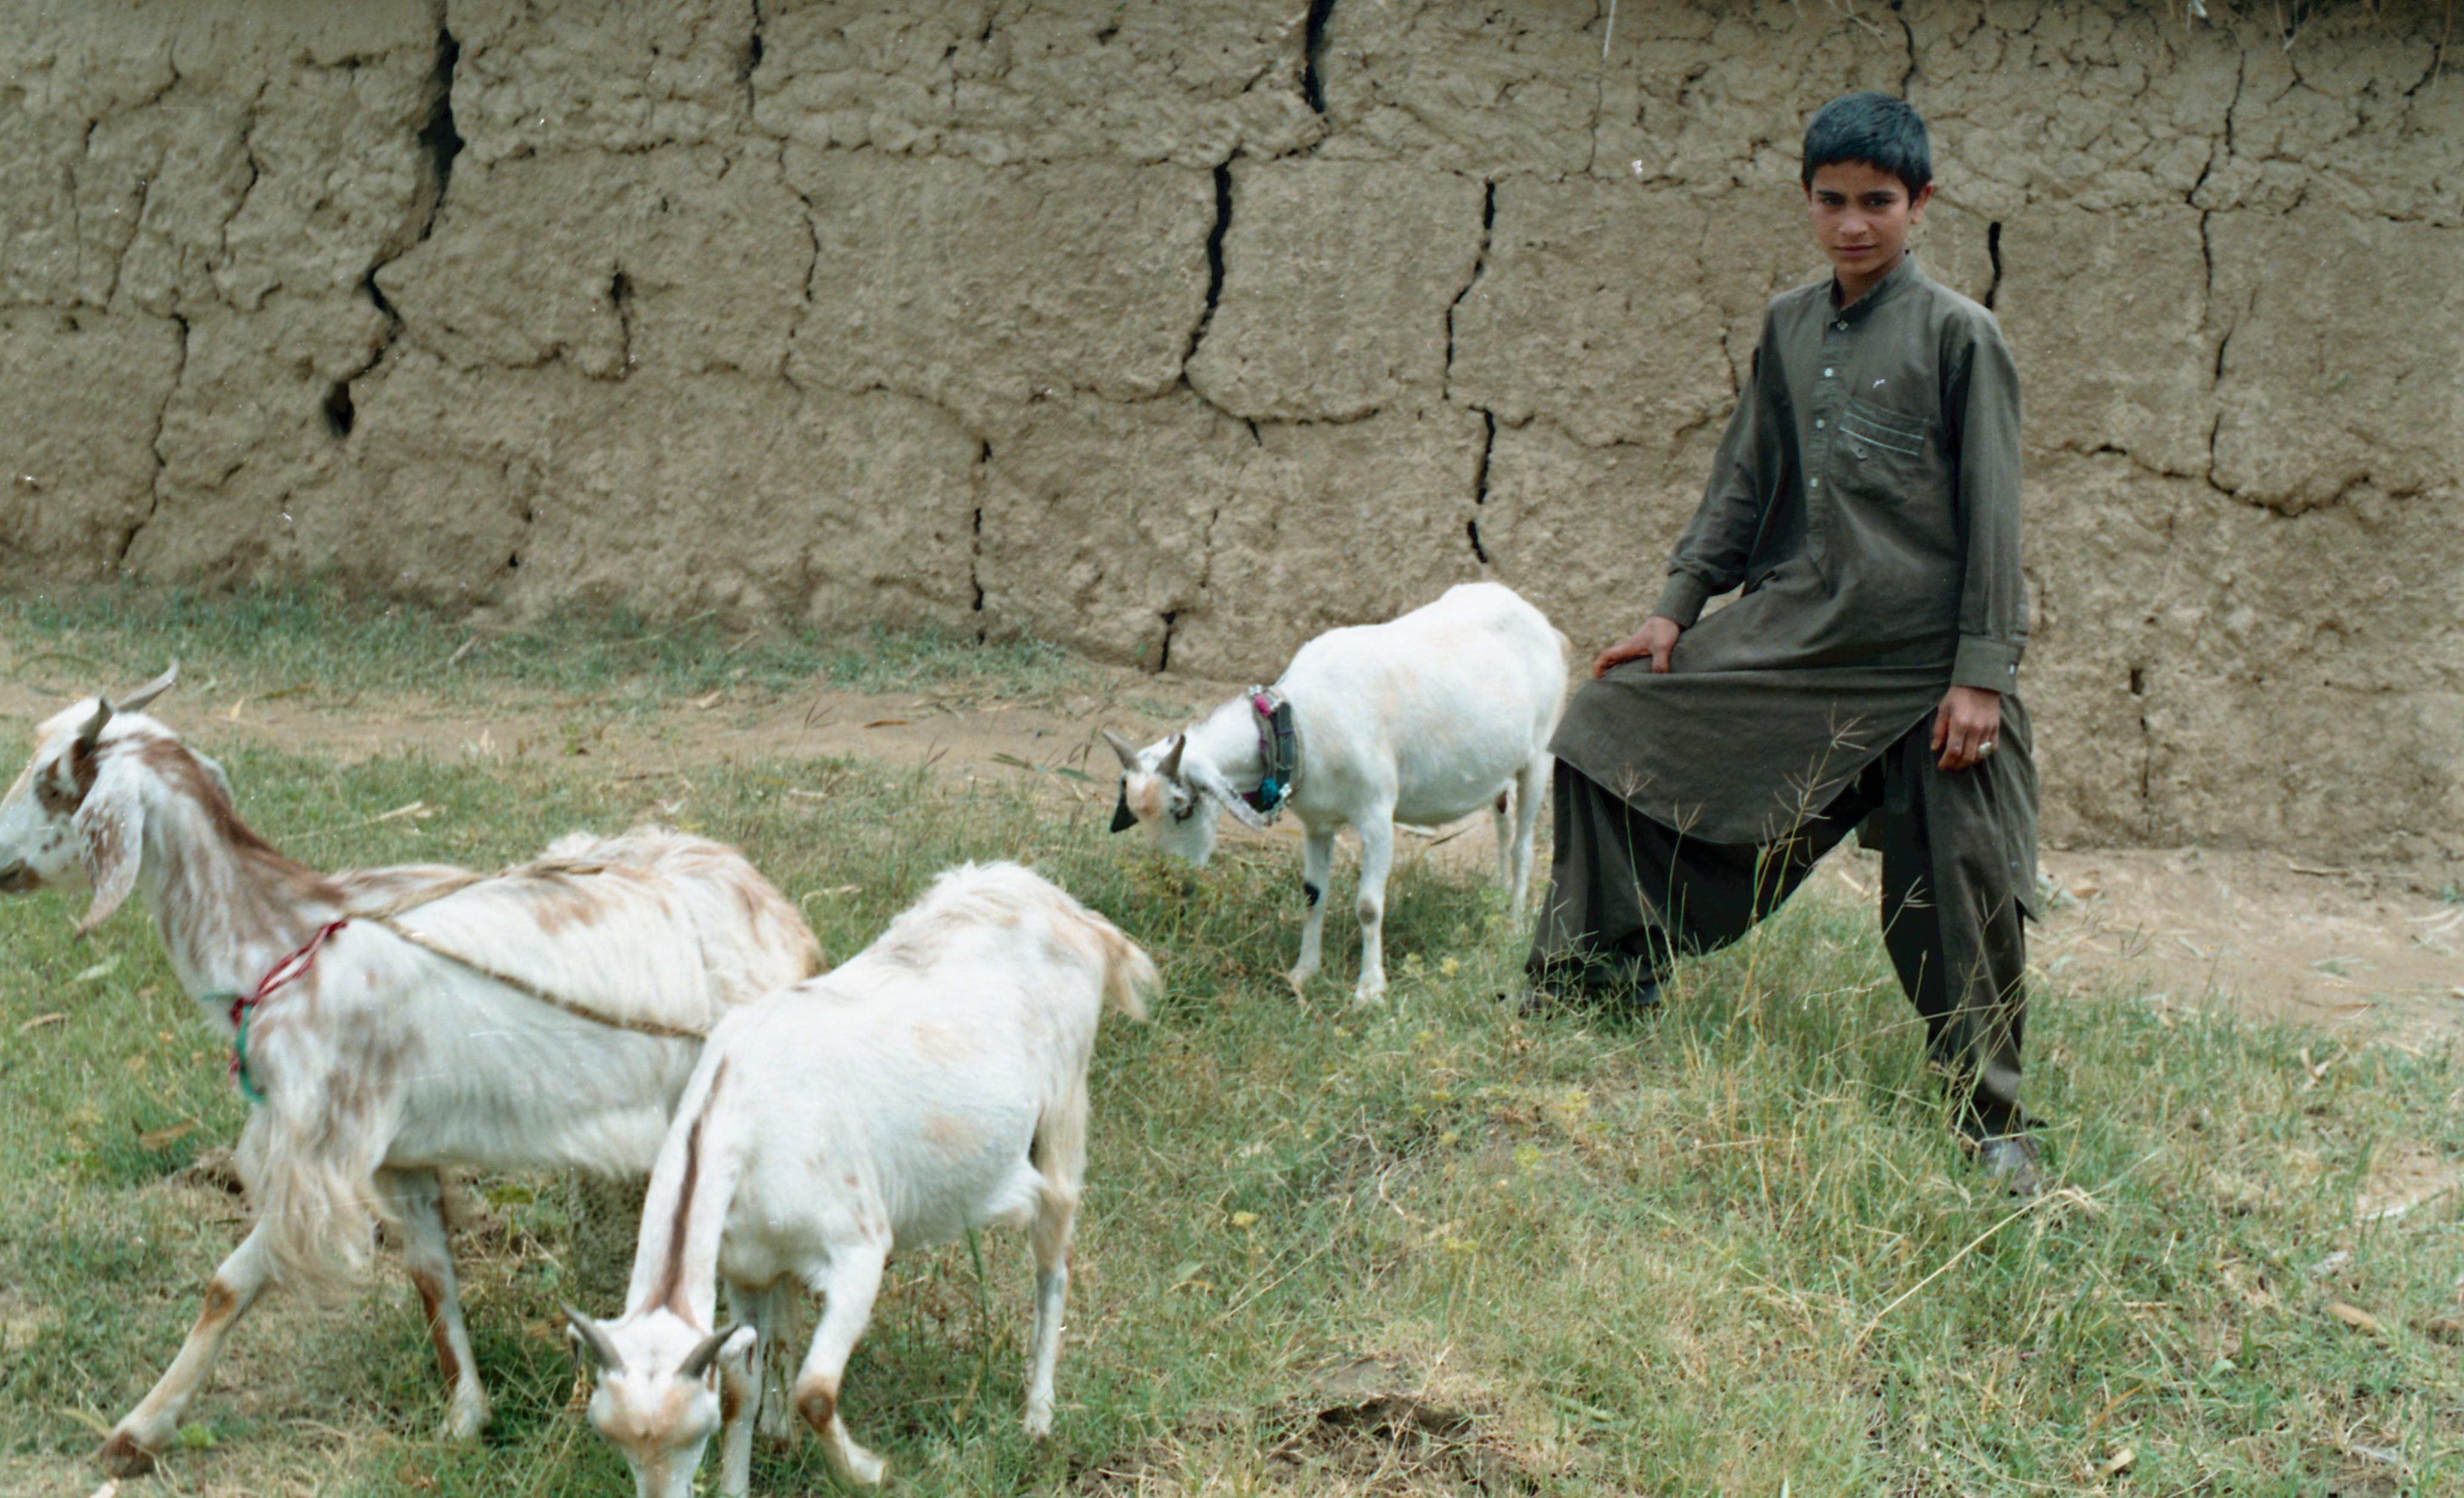 An Afghan refugee boy grazing goats  : Muhammad Zaman : Free